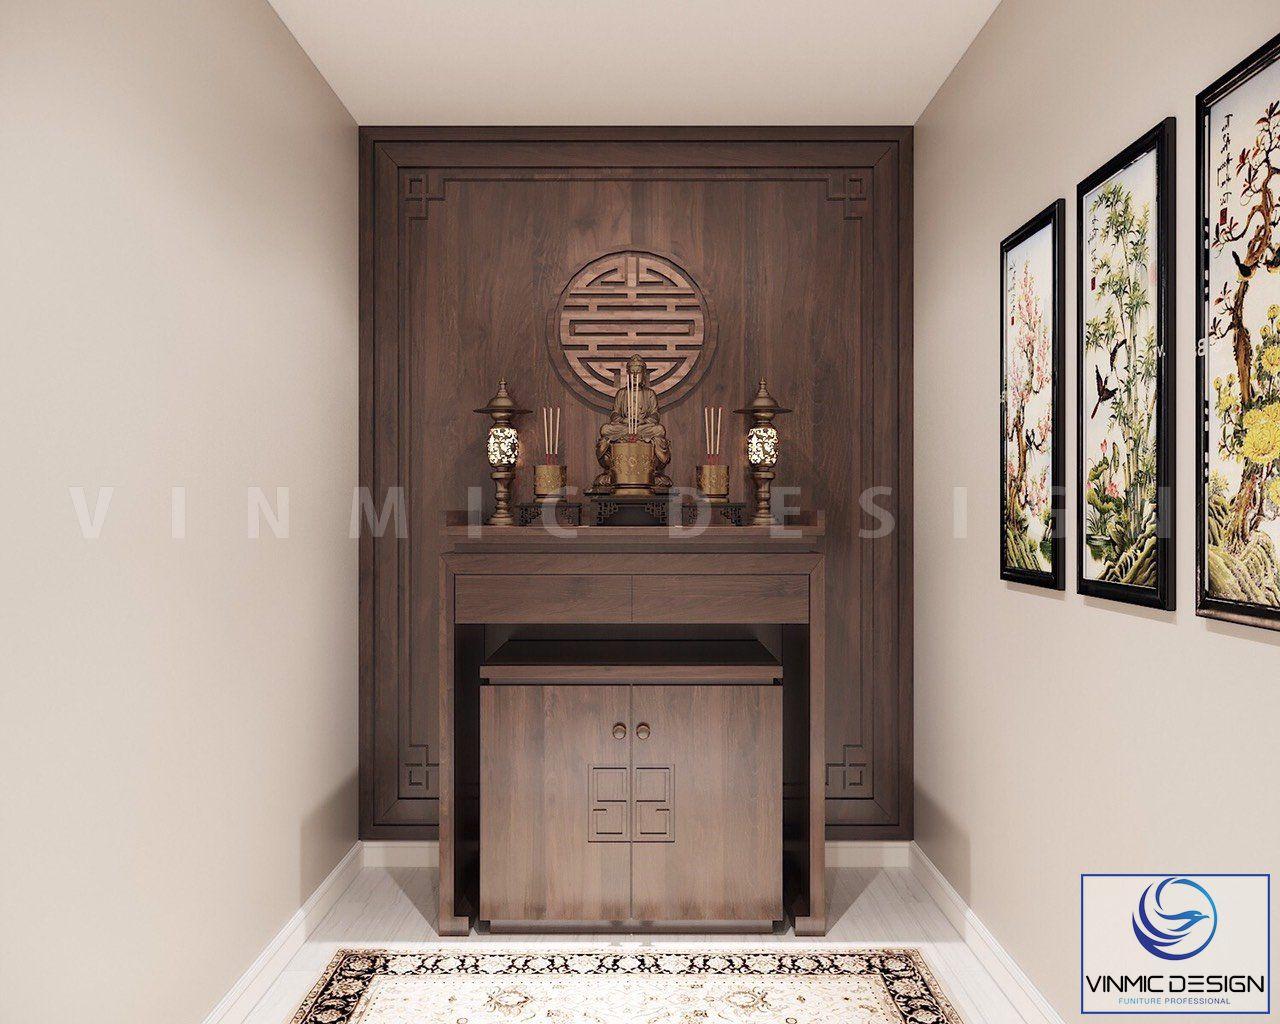 Một góc thiết kế phòng thờ với chất liệu gỗ tự nhiên